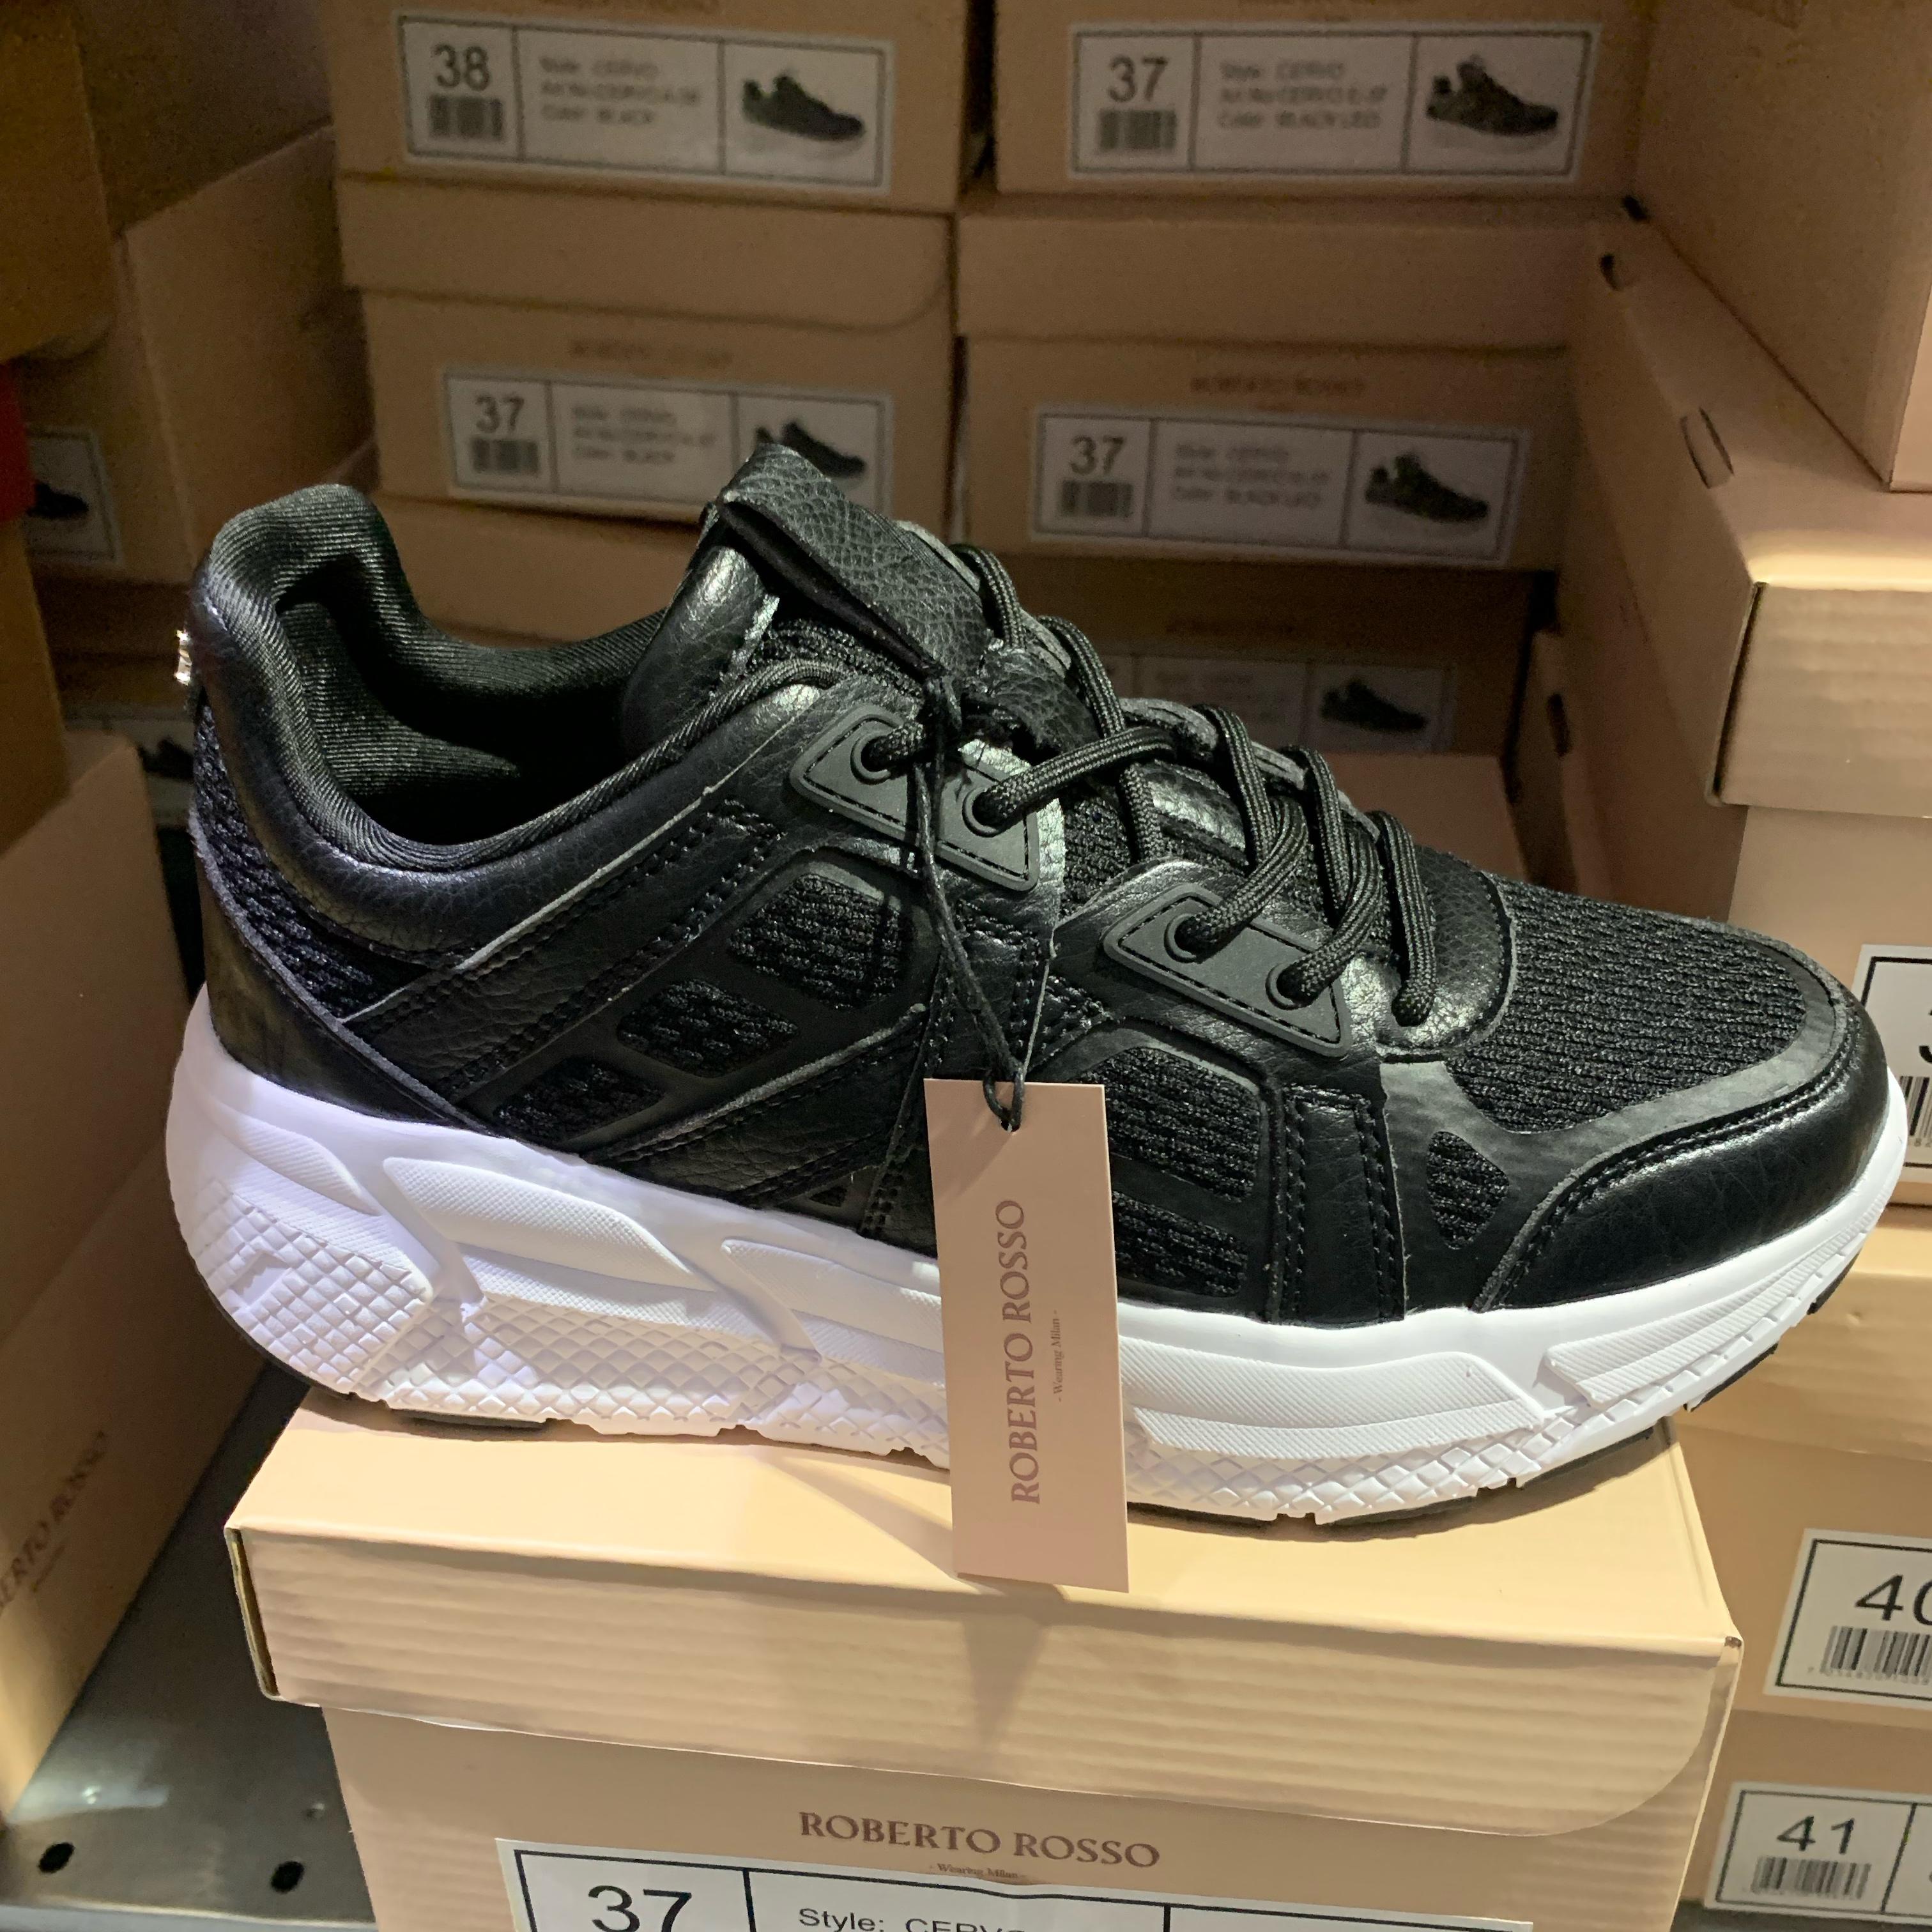 roberto rosso – cervo black chunky sneakers dame sko nyheter1